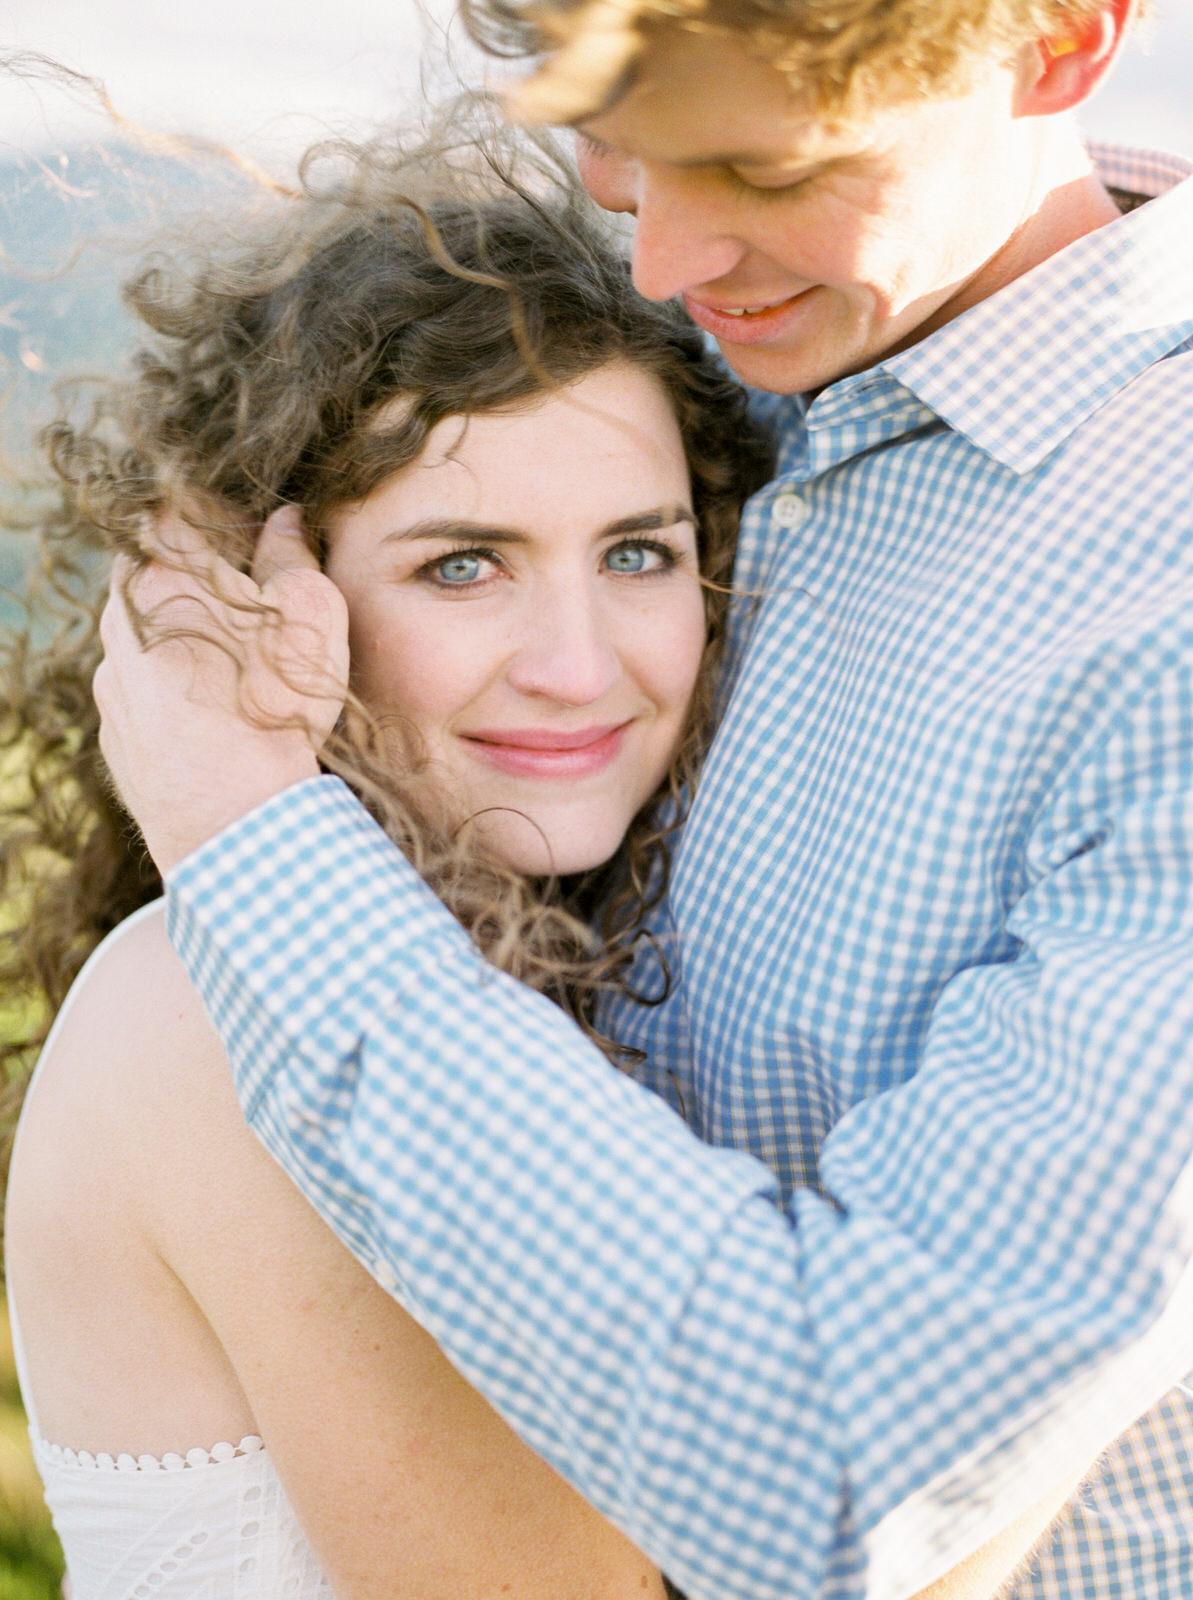 Zach&AshleybyImogenXiana-48